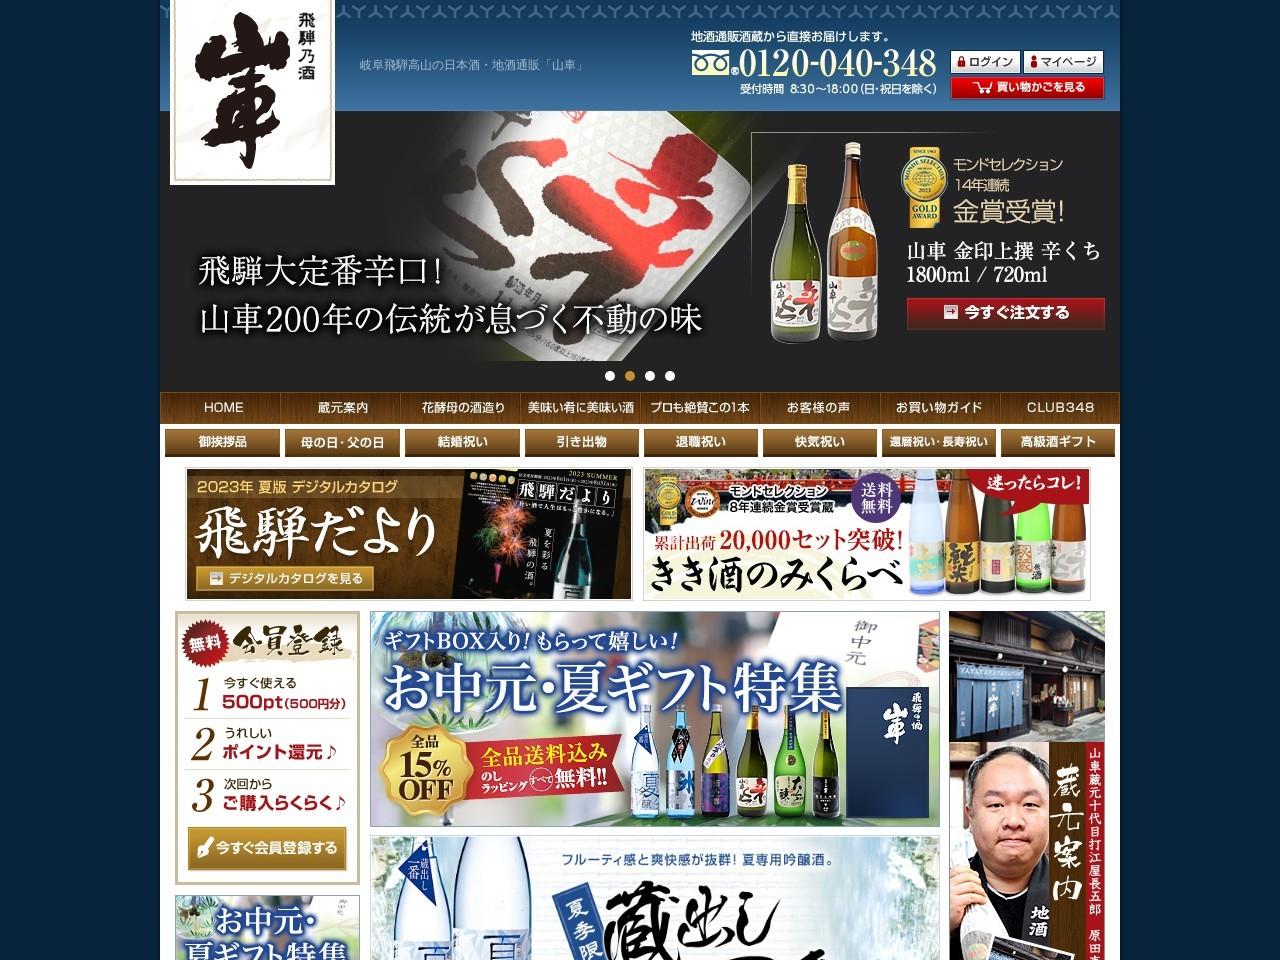 日本酒・地酒通販│飛騨酒蔵 山車【公式サイト】